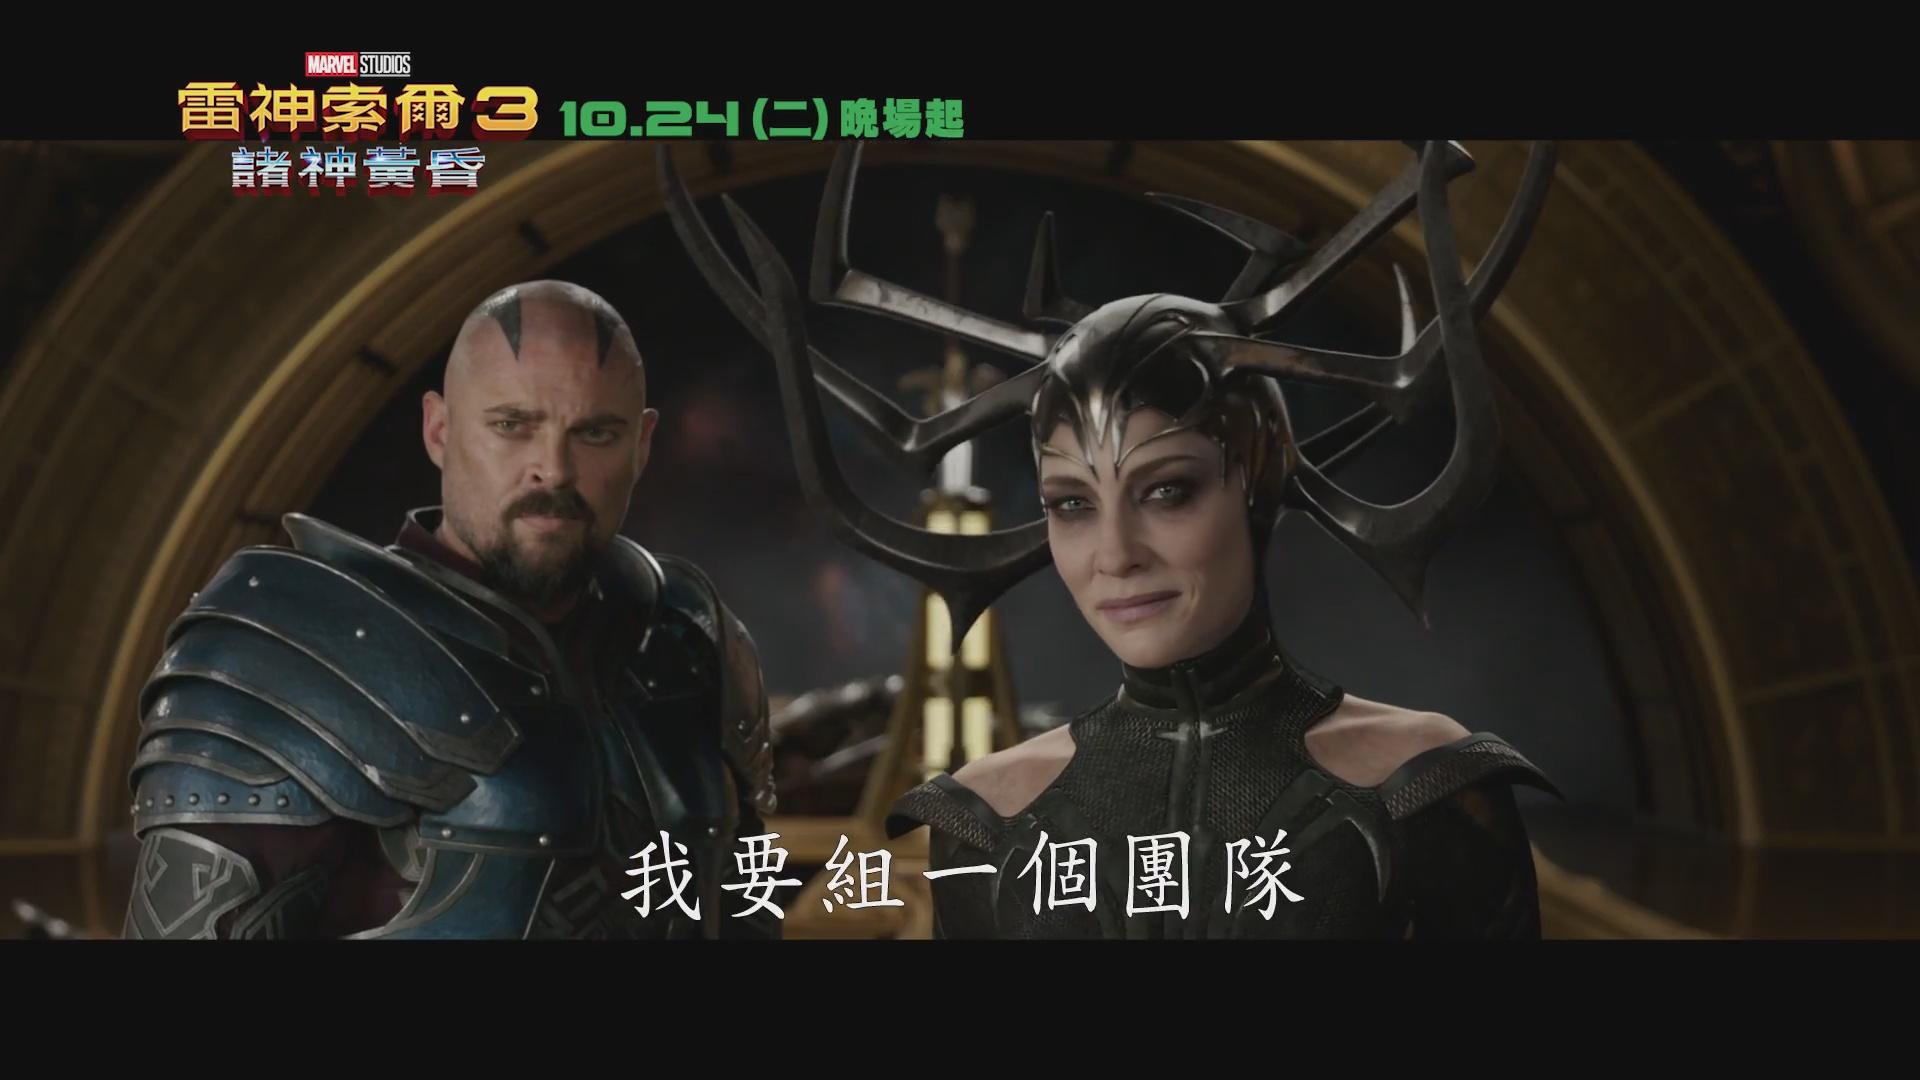 洛基认怂了?《雷神3:诸神黄昏》最新电视版预告最强队友浩克